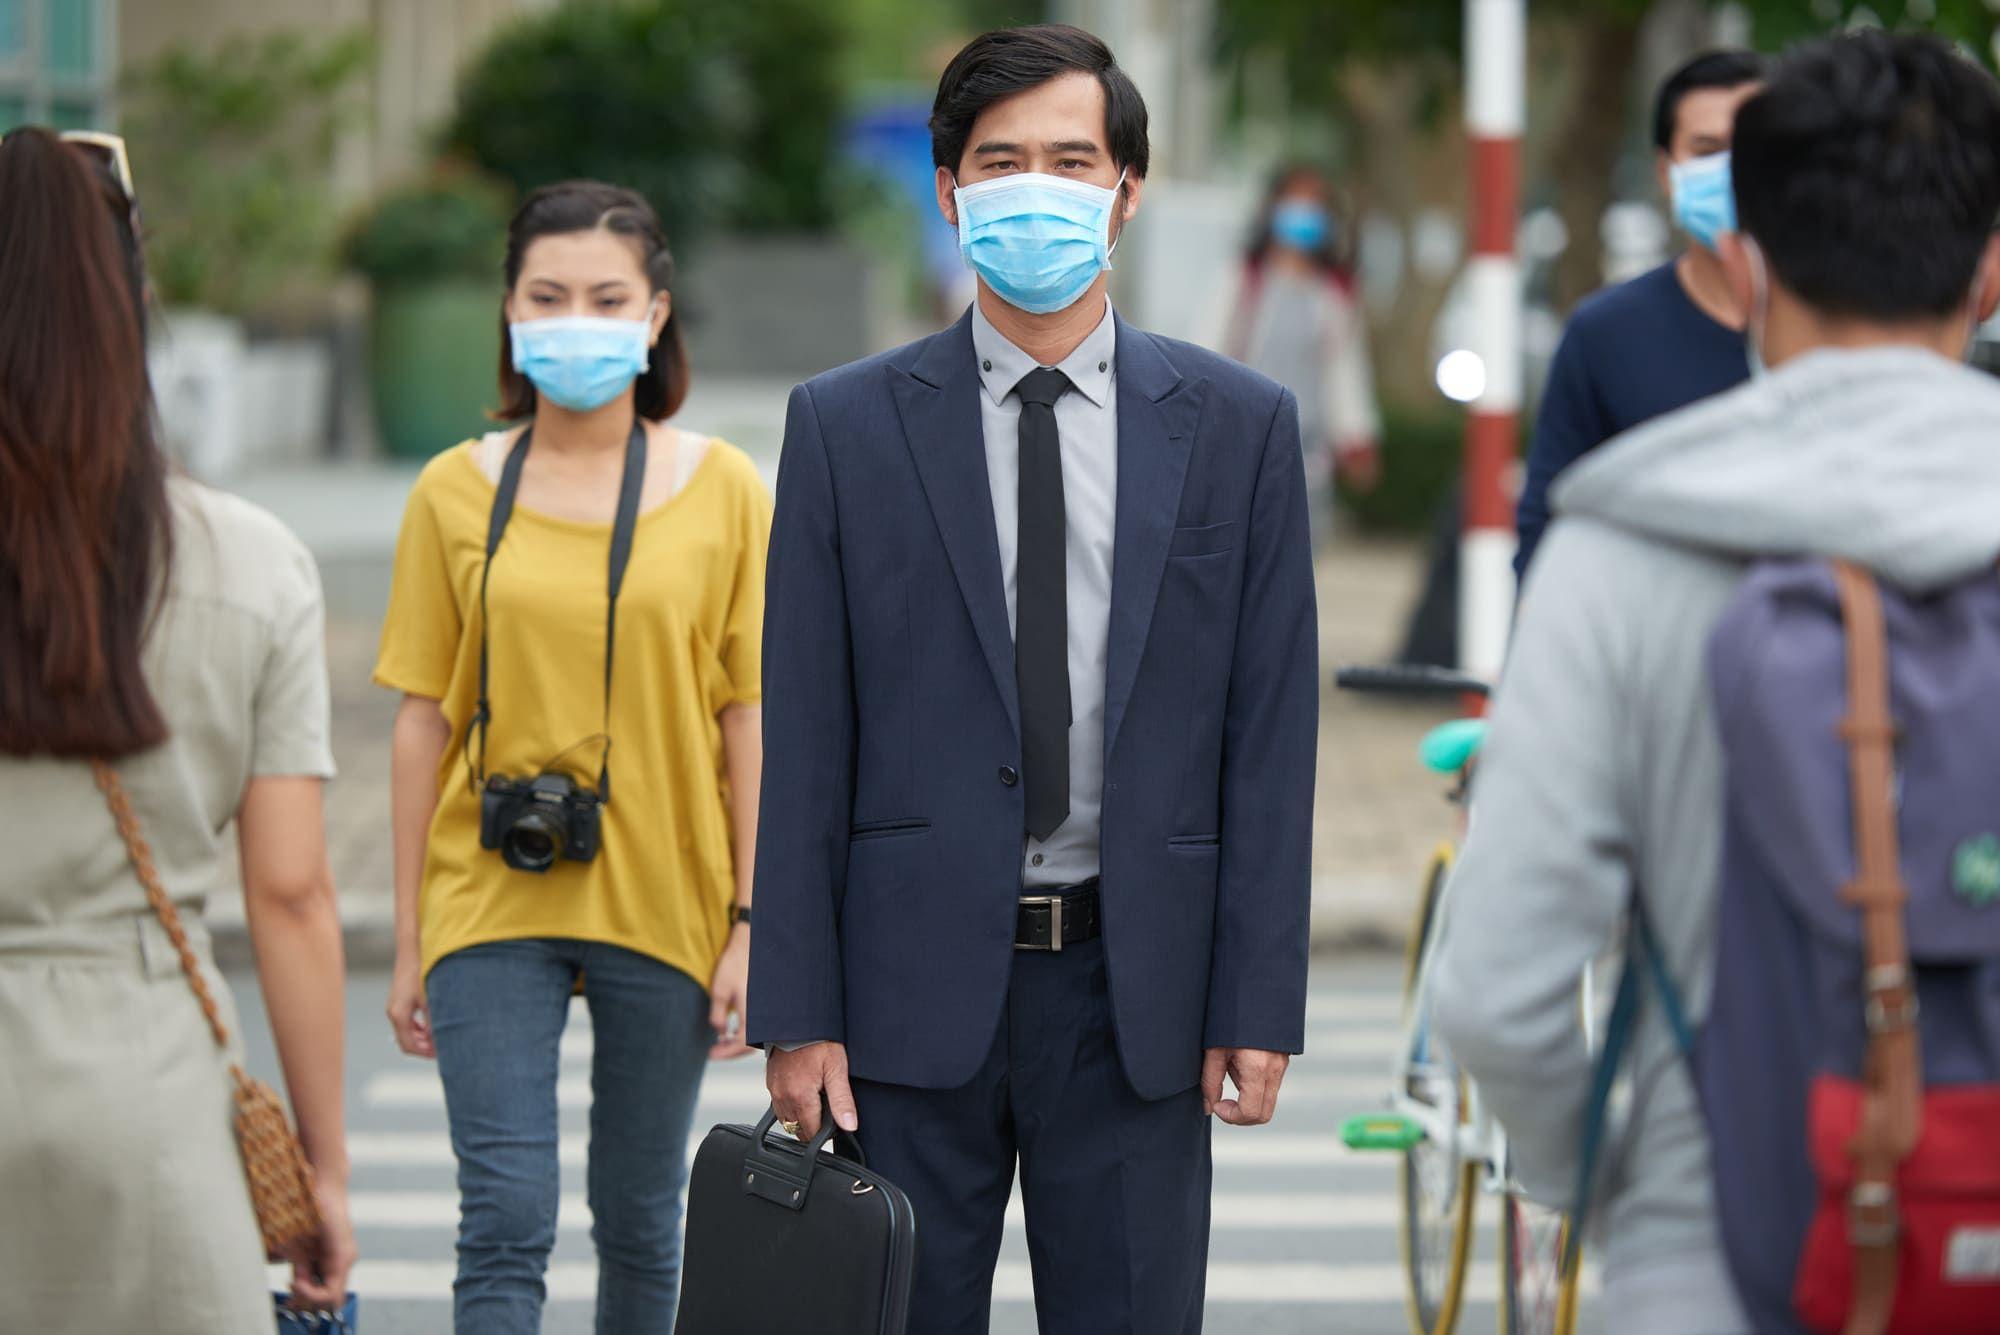 Роструд предупредил о влиянии китайской эпидемии на командировки работников